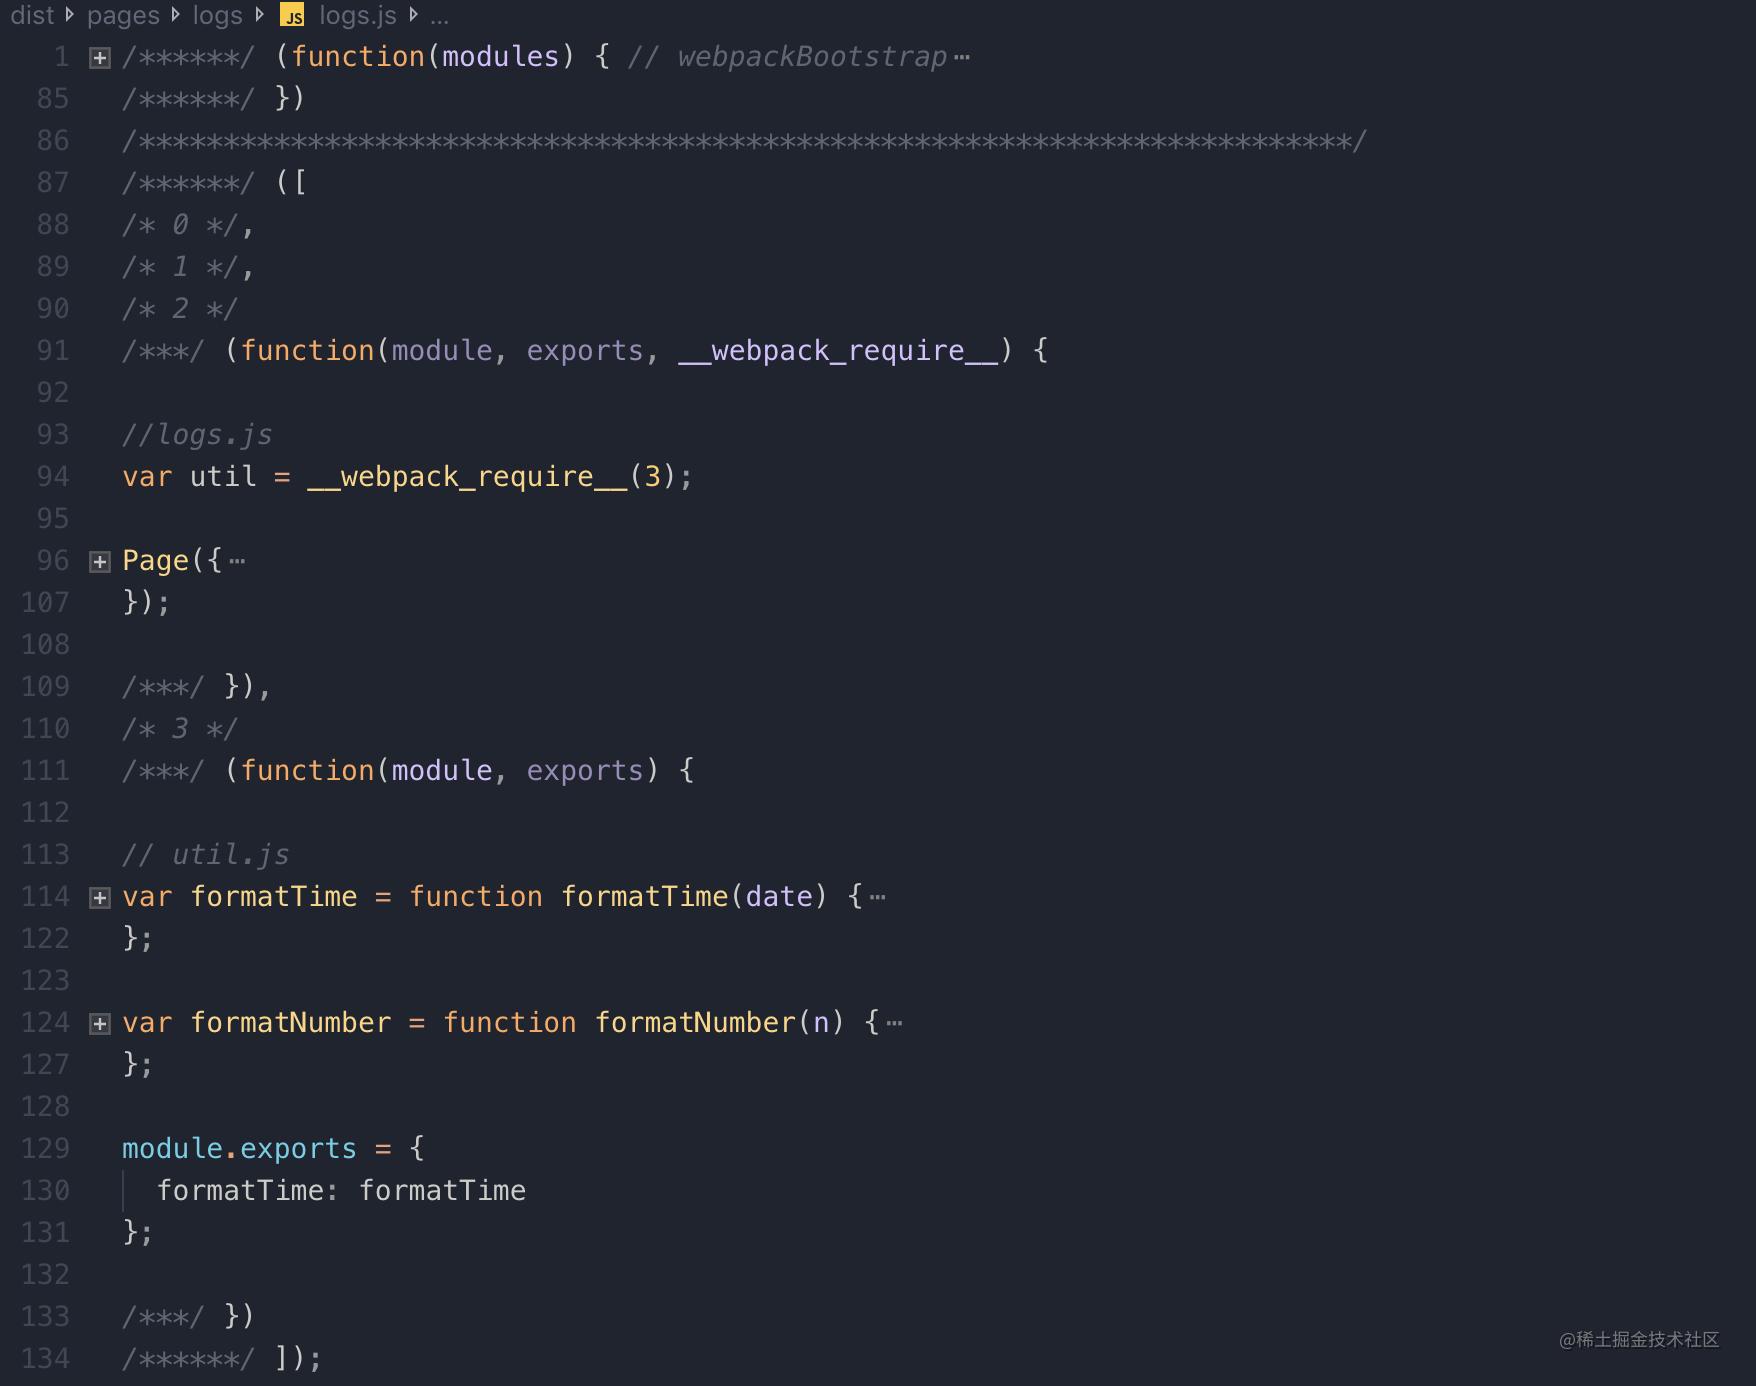 dist/logs/logs.js